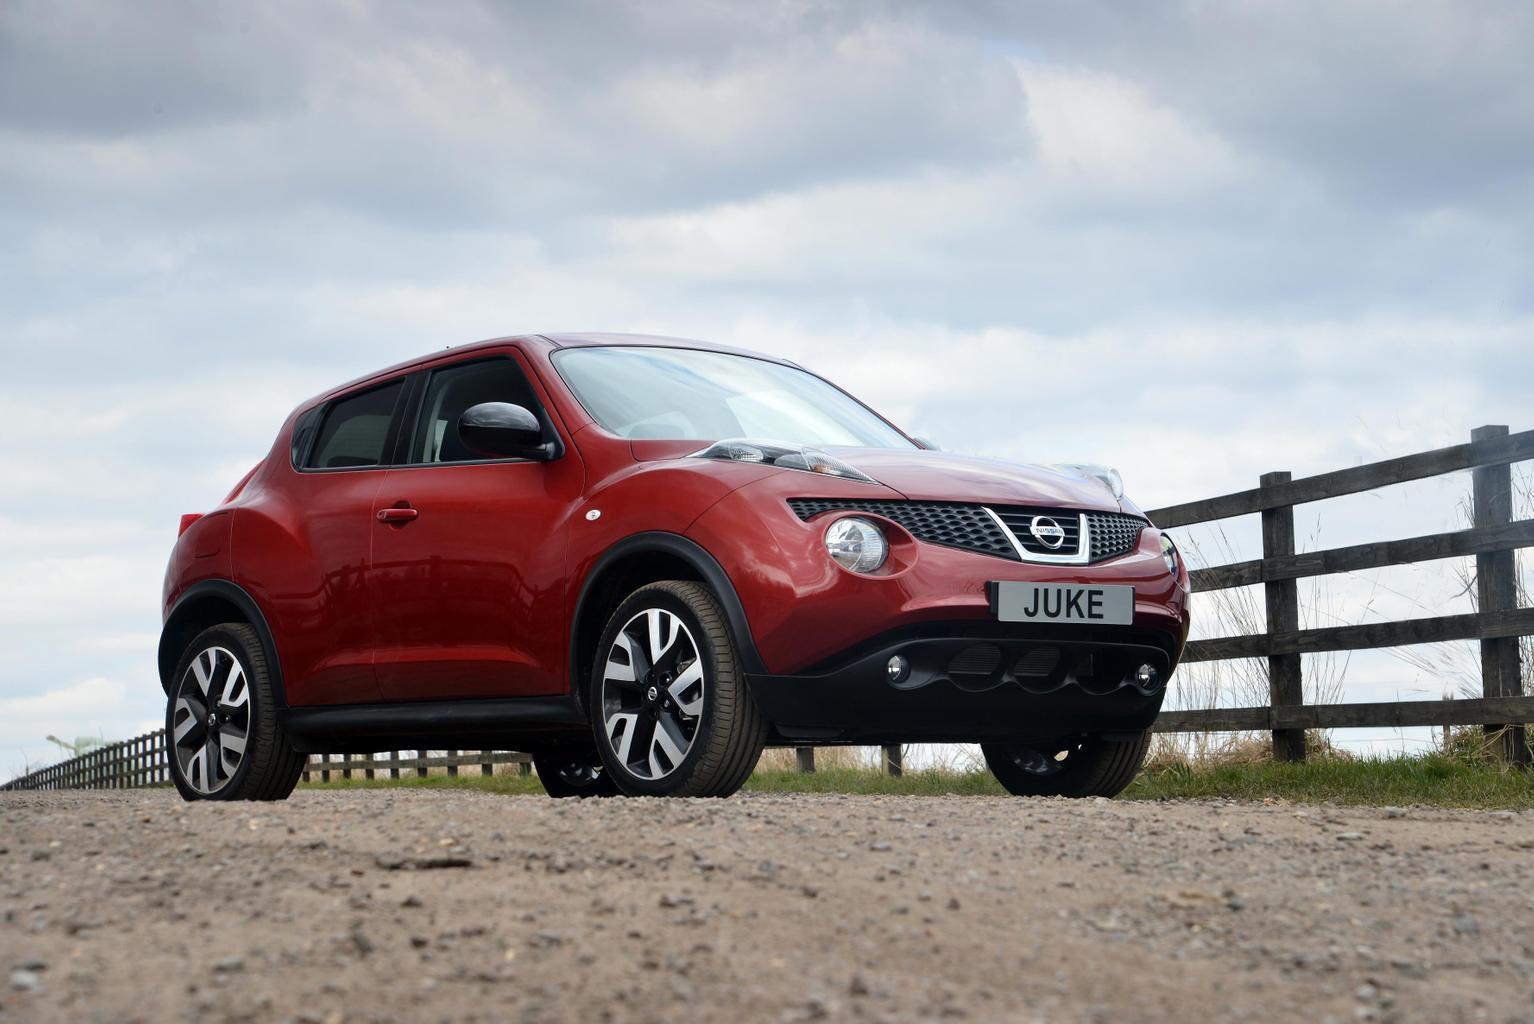 Next Nissan Juke to be 'radical'